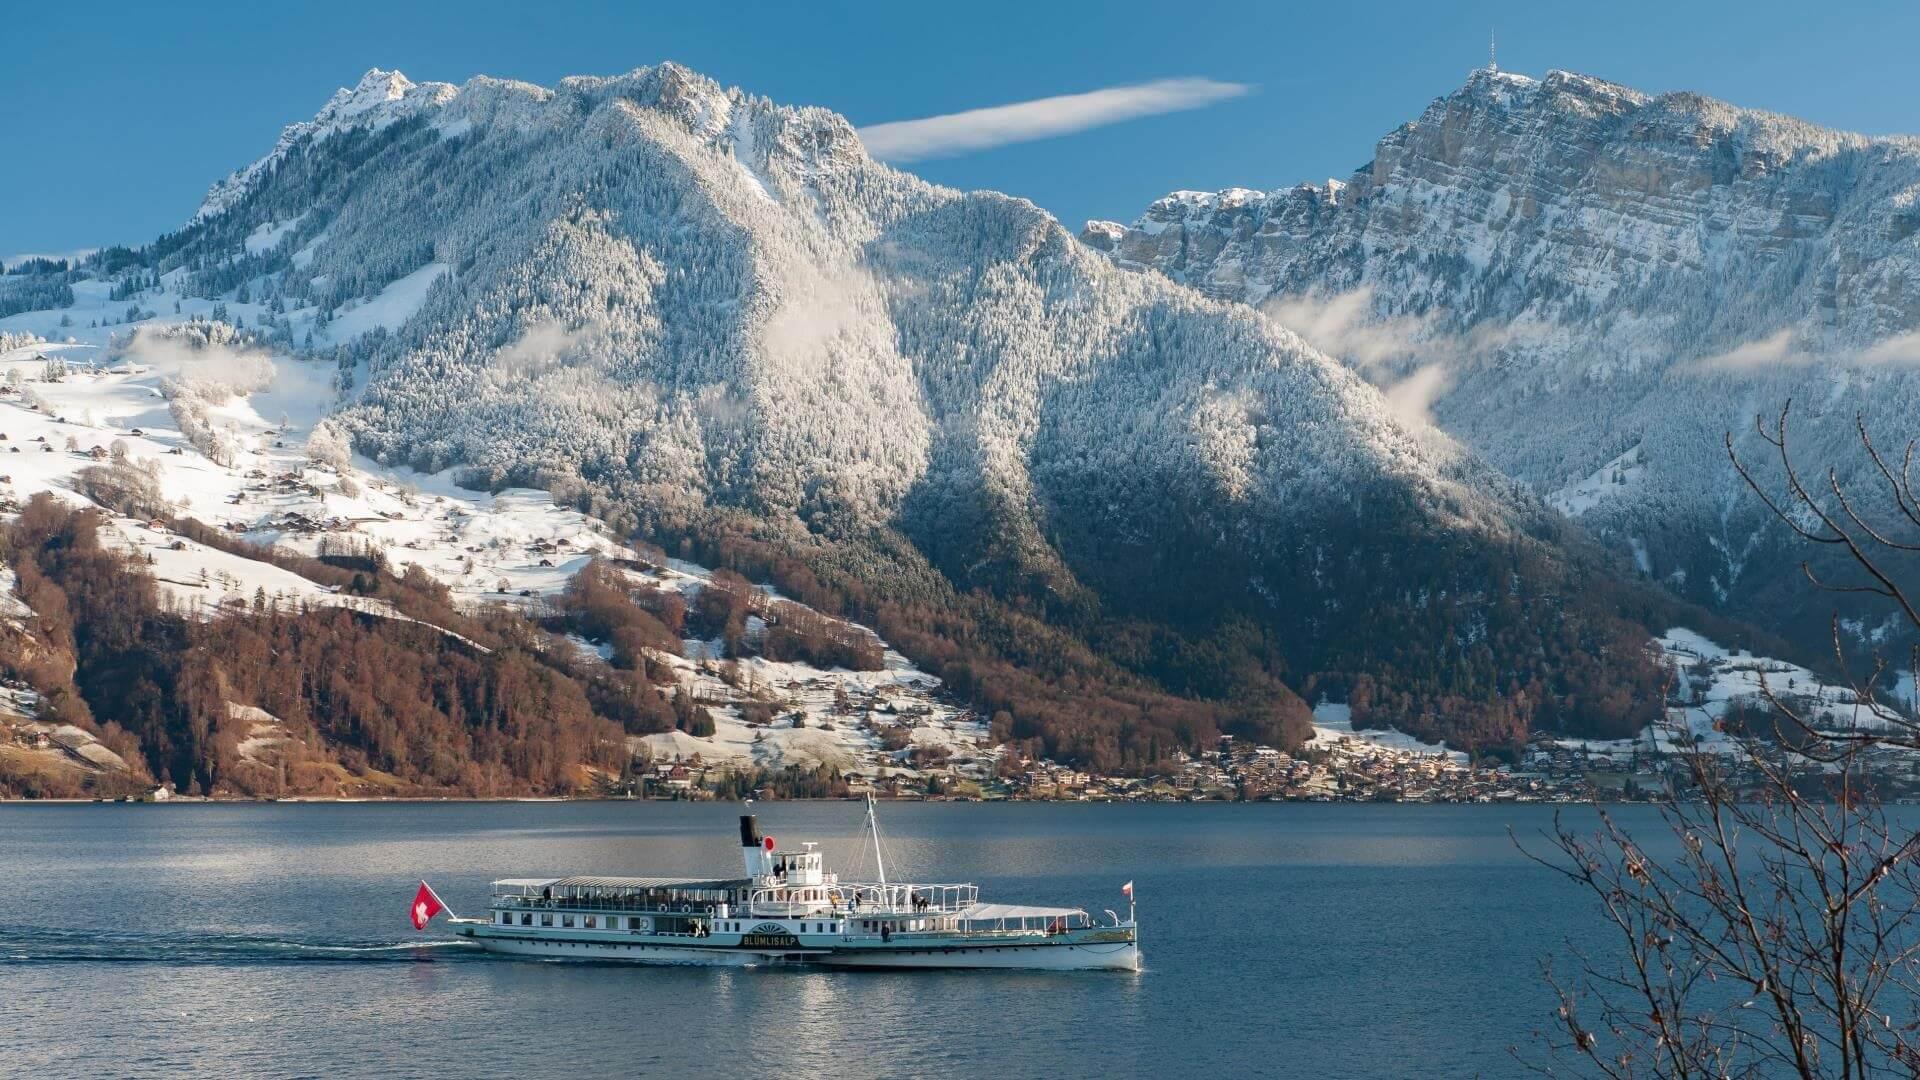 thunersee-schifffahrt-schnee-winter-dampfschiff